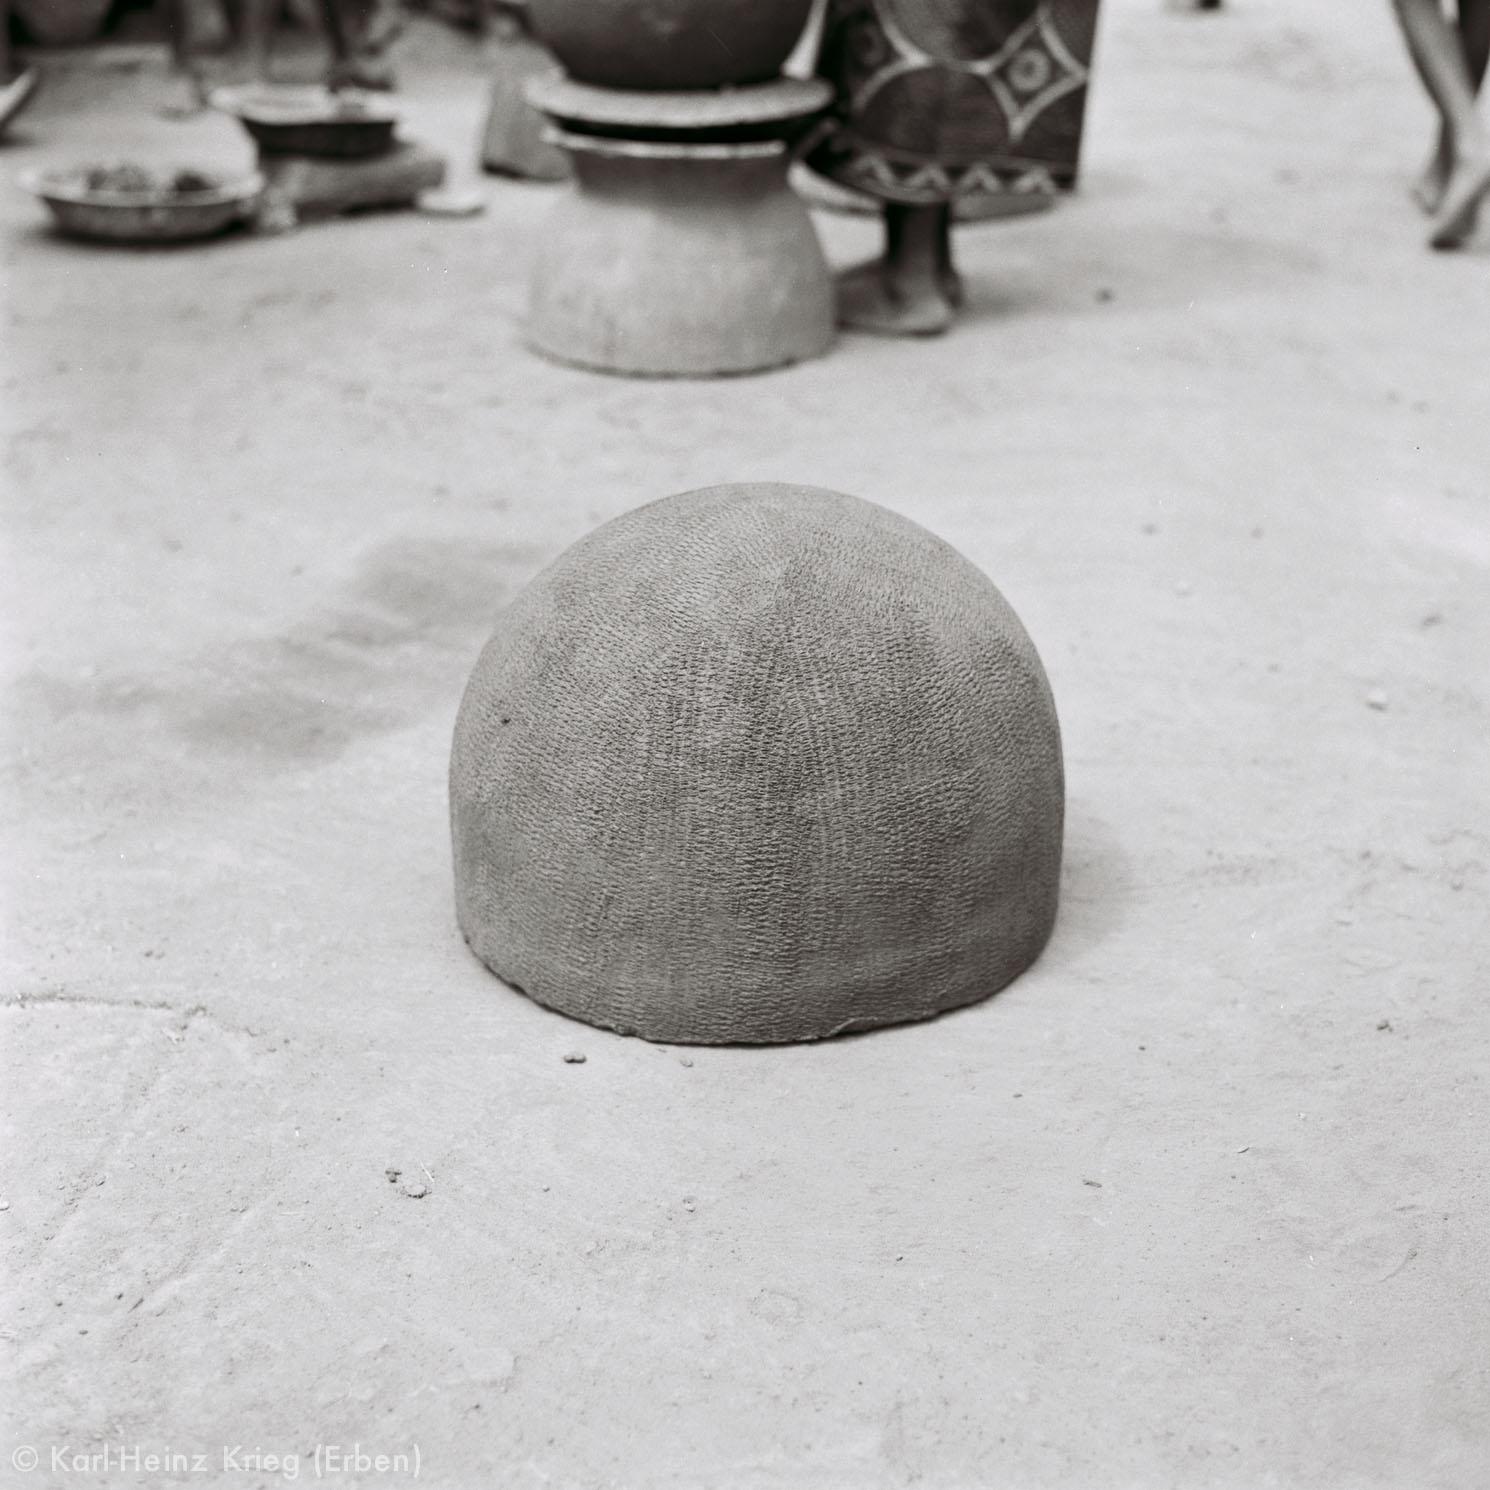 Der untere Teil des Tongefäßes trocknet in der Sonne. Foto: Karl-Heinz Krieg, Gbon (Region von Boundiali, Côte d'Ivoire), 1965